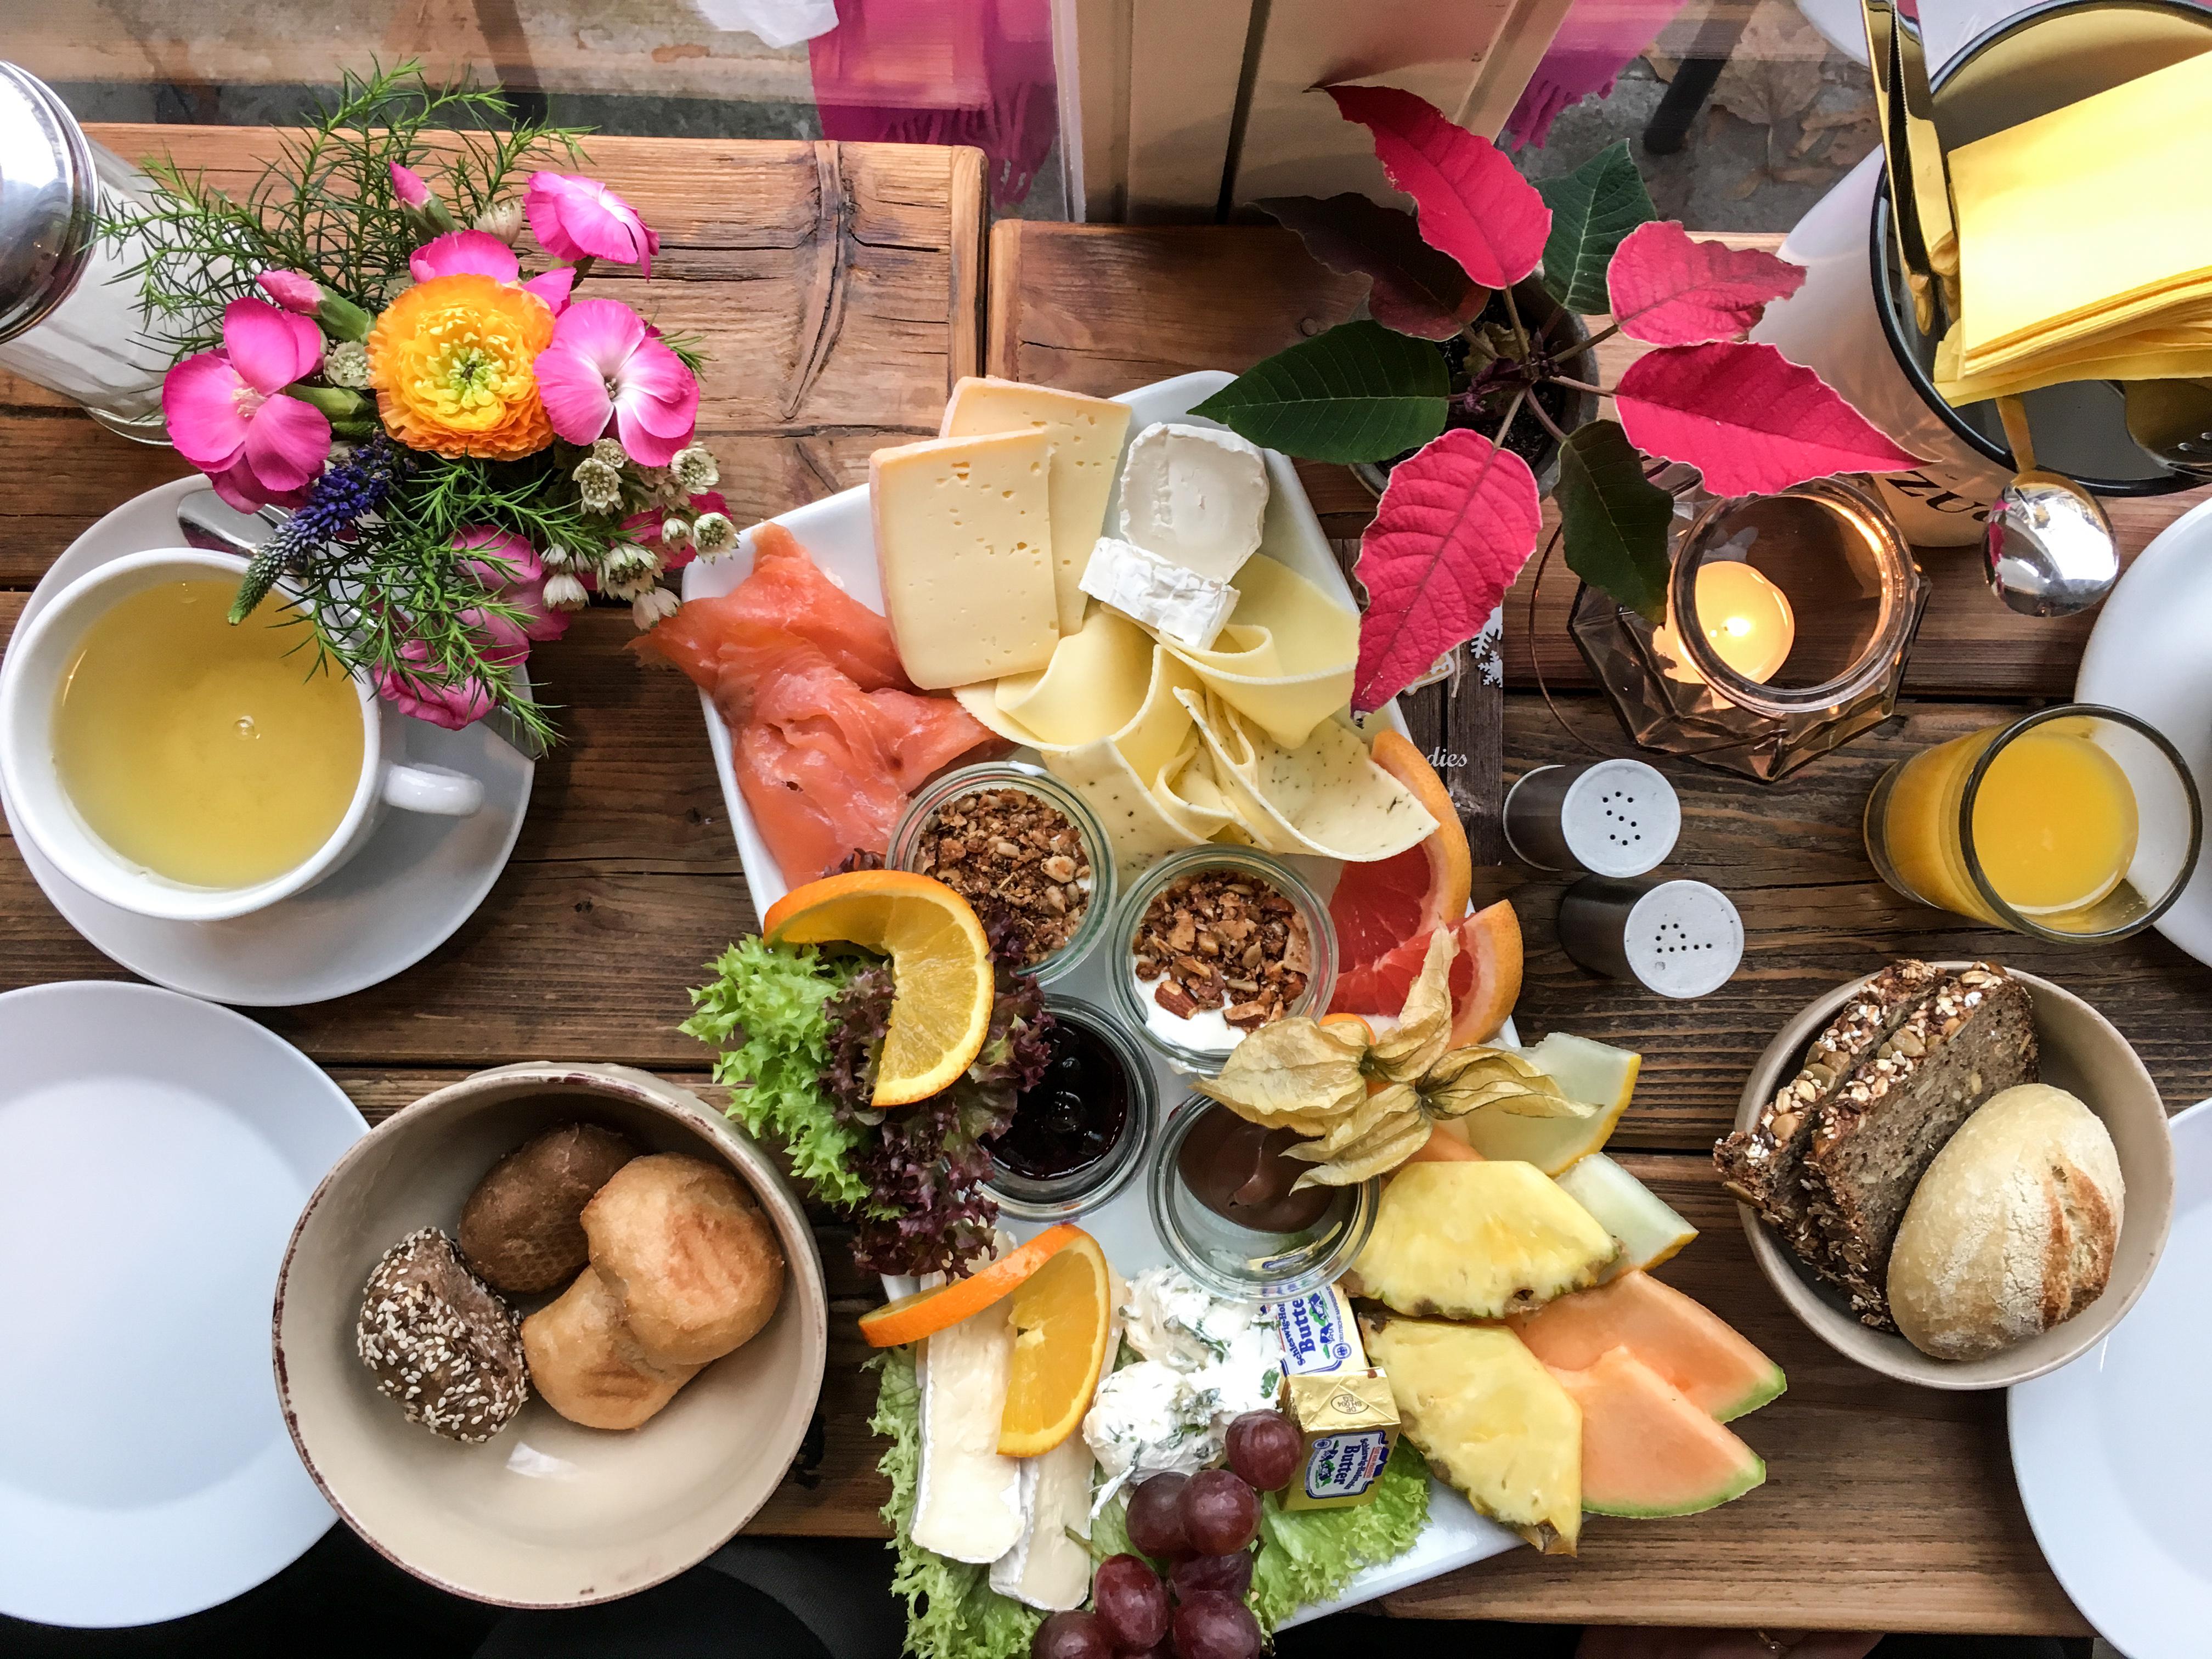 Meine Freundin und ich haben uns die Vollpension im Moki's im Eppendorfer Weg in Hamburg schmecken lassen. Es gibt auch ein veganes Frühstück und einen glutenfreien Brotkorb.